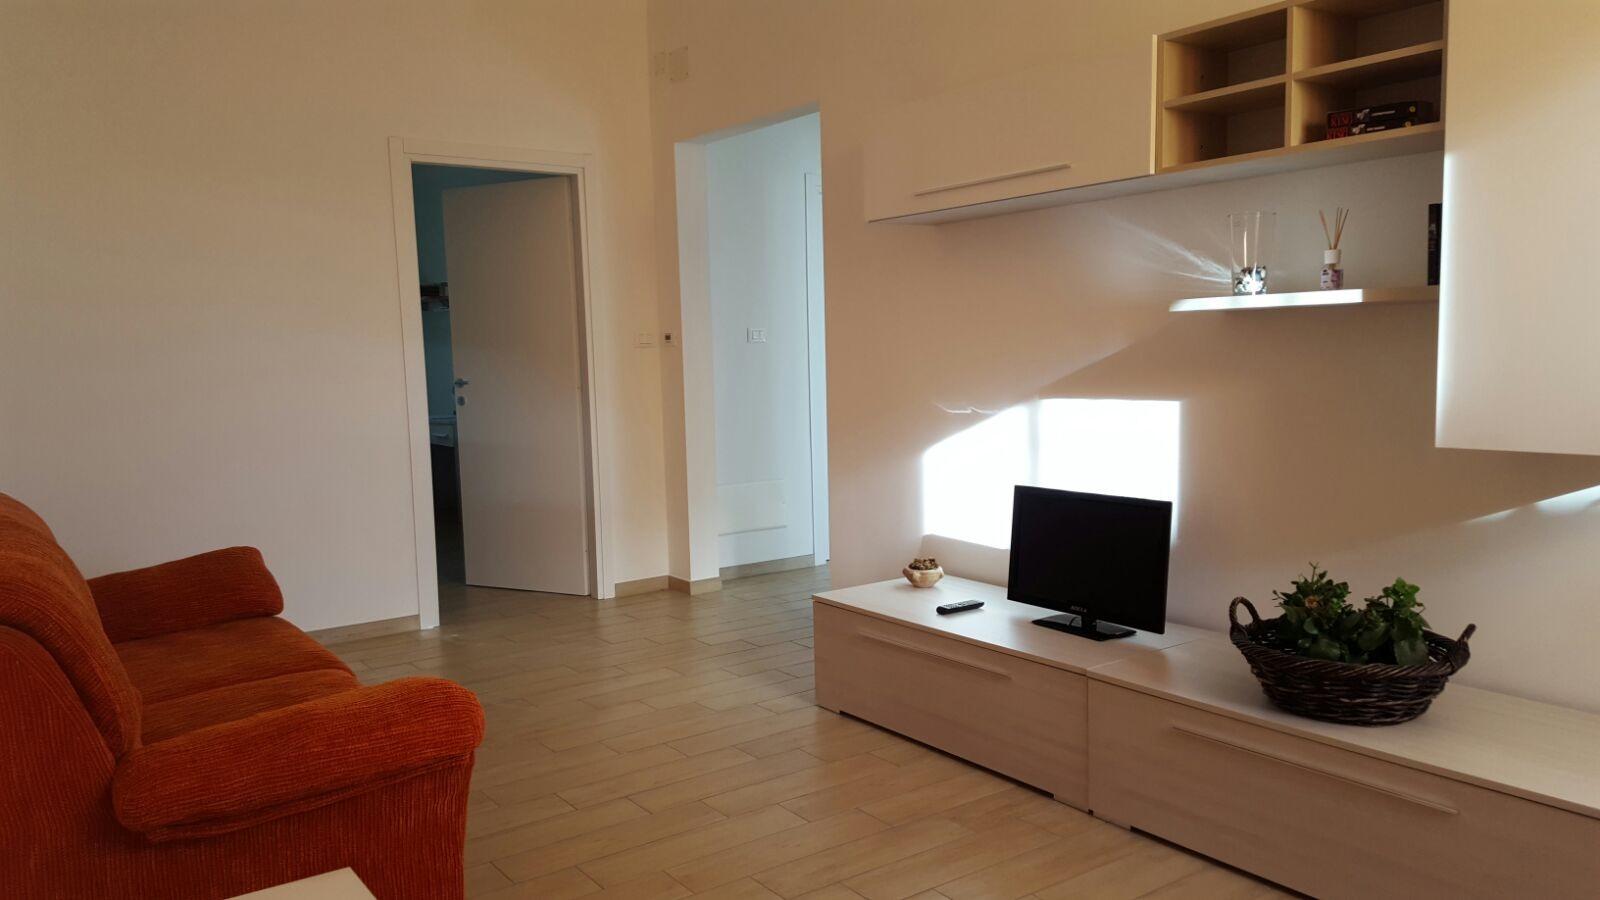 ... Affitto Stanza 20 Mq In Appartamento Di 110 Mq Appena Ristruttur ...